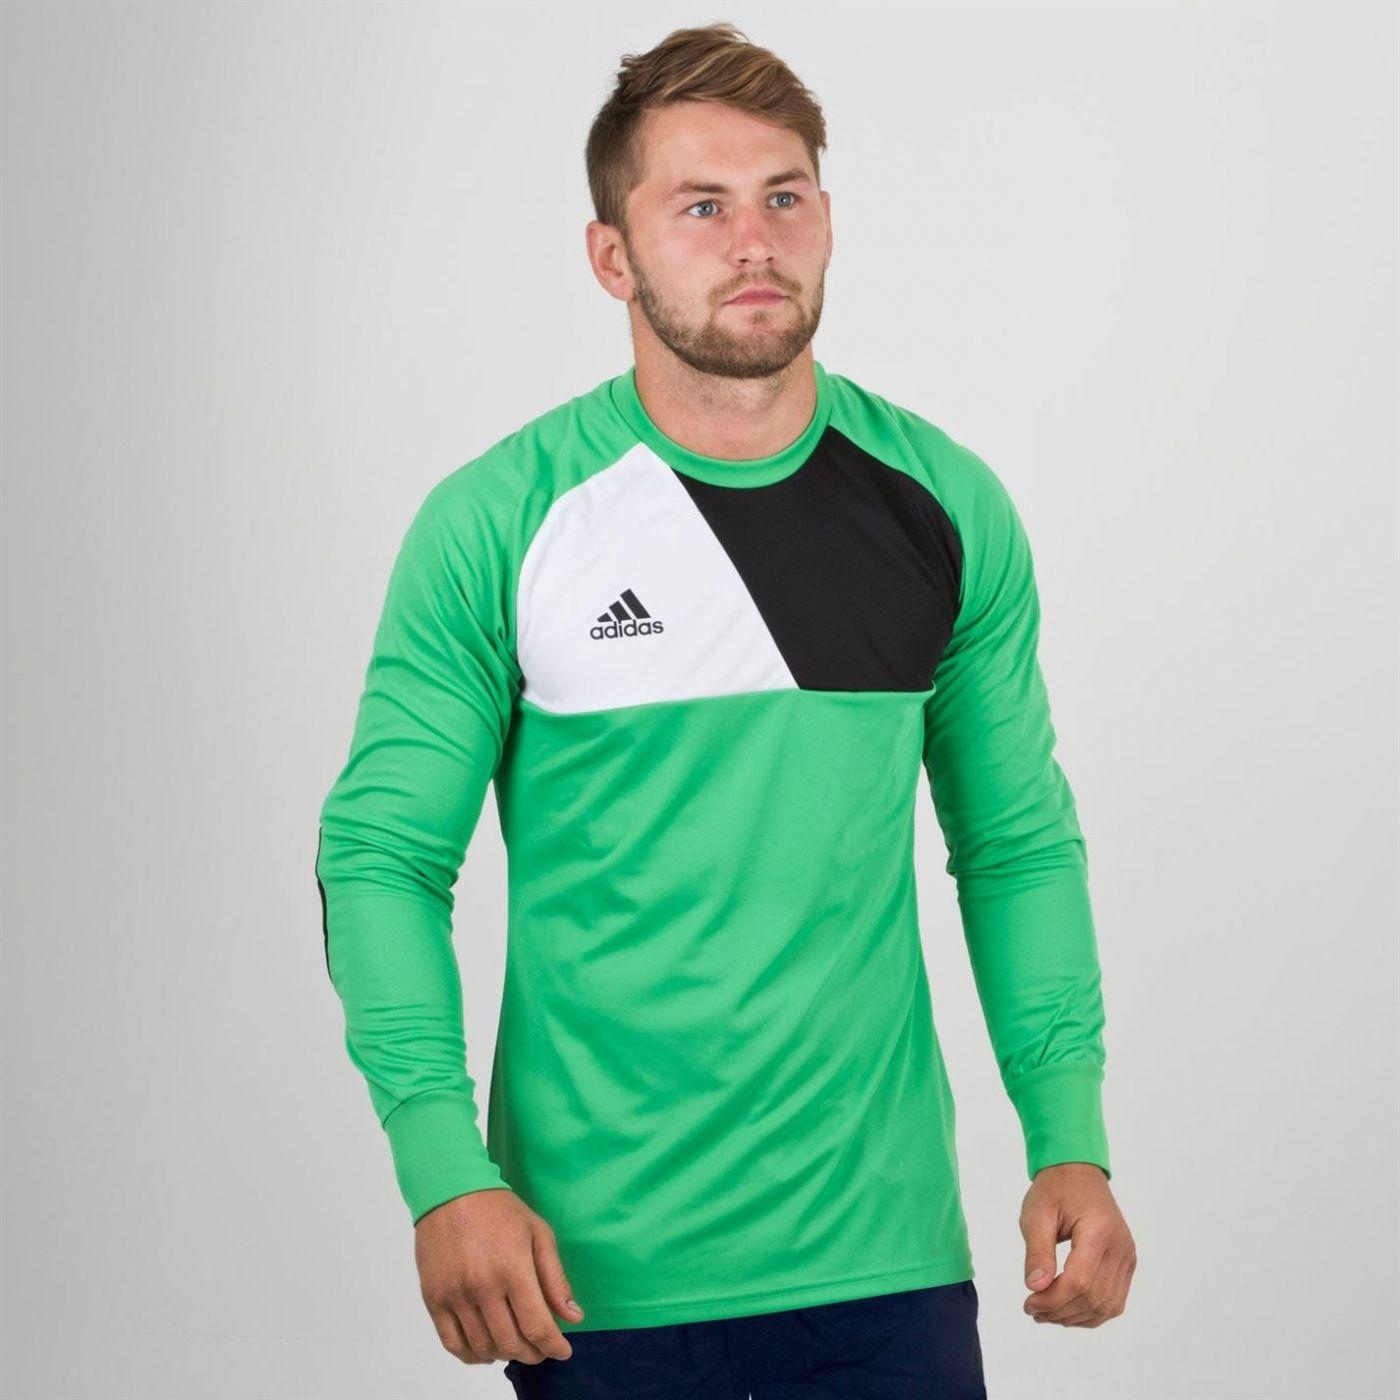 Adidas Assita 17 Replica Football Shirt Mens